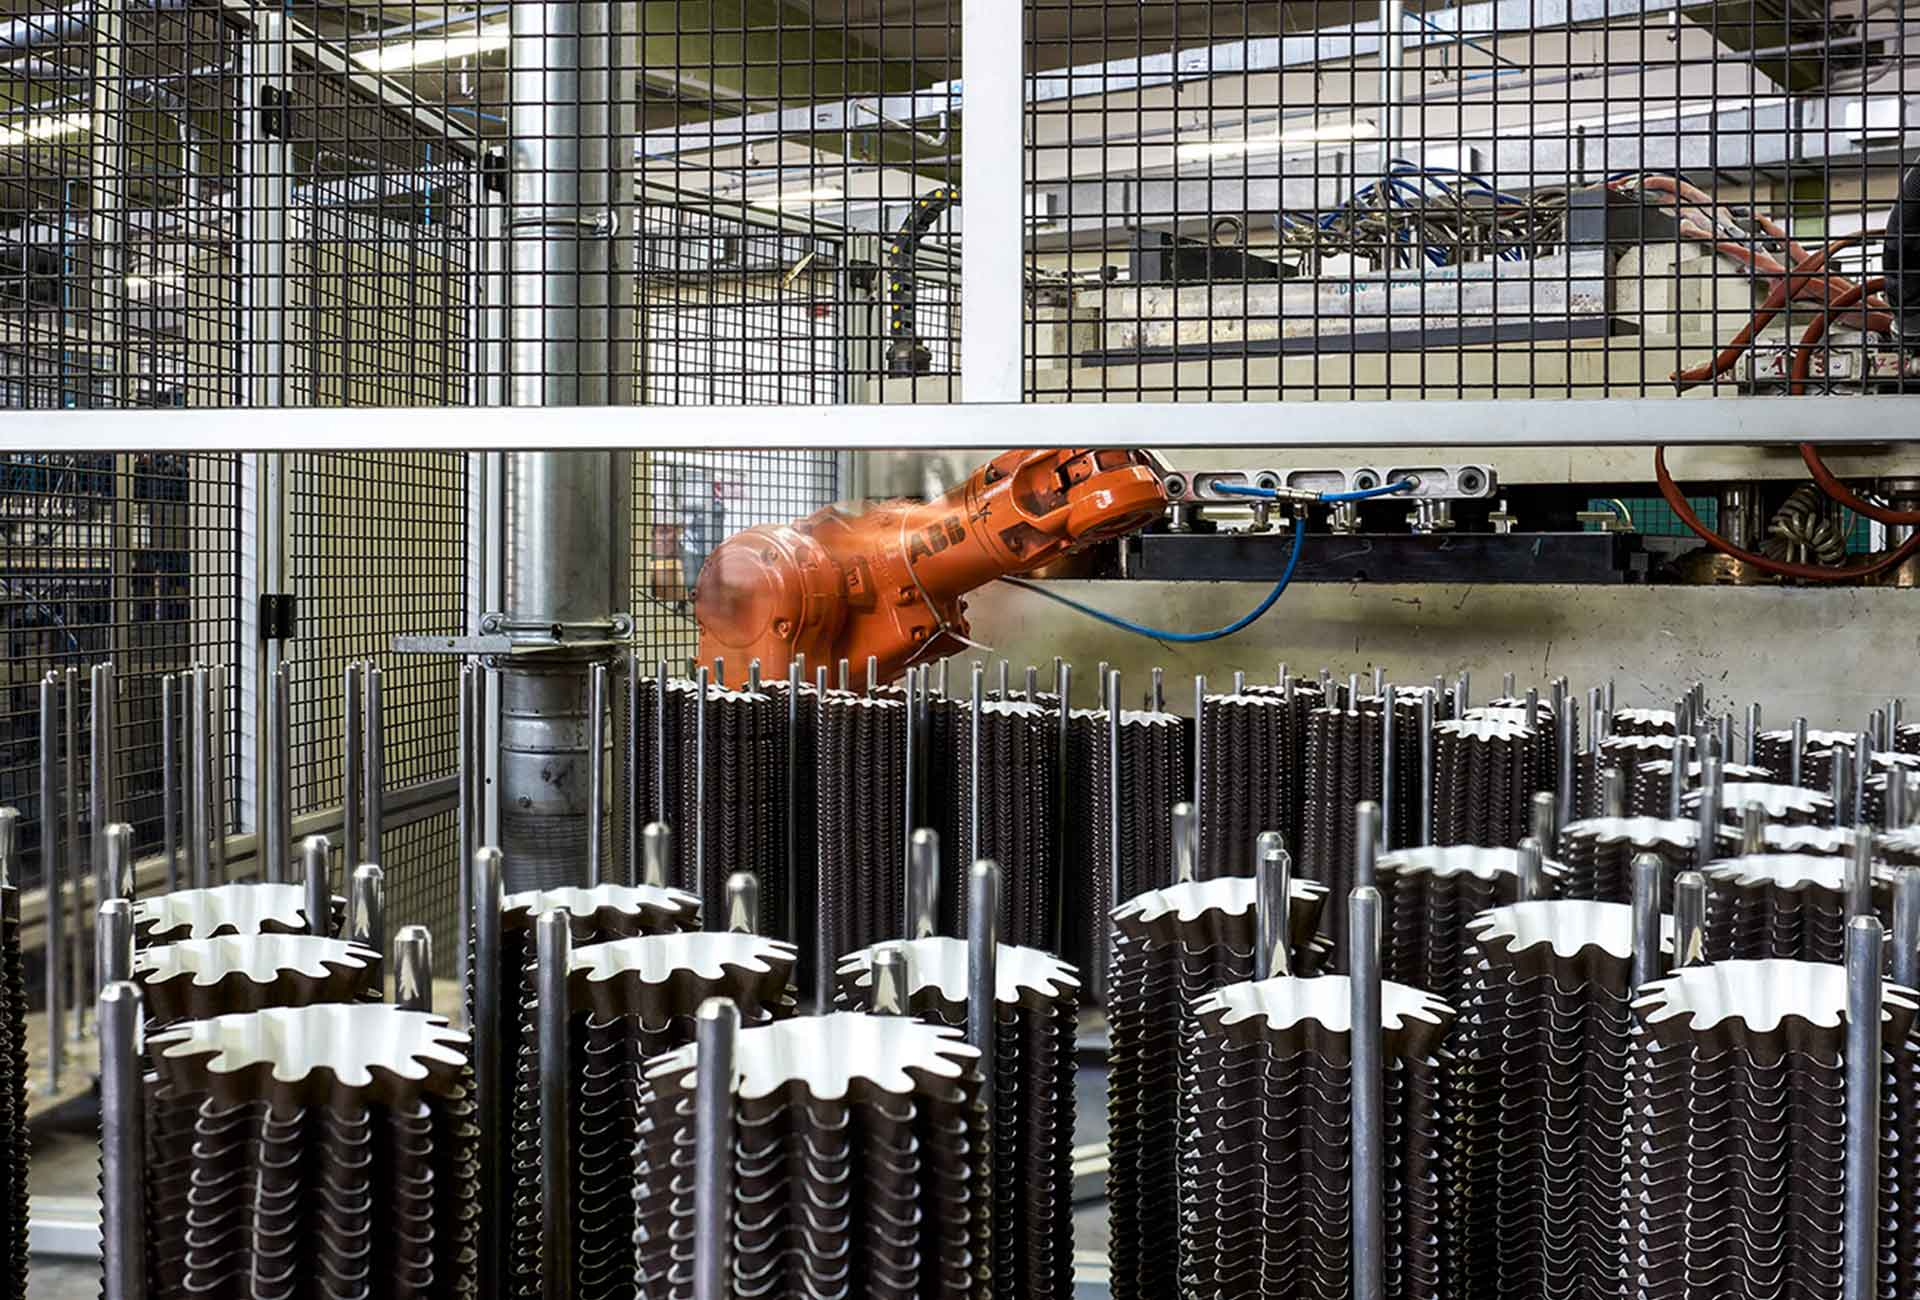 Neupack production